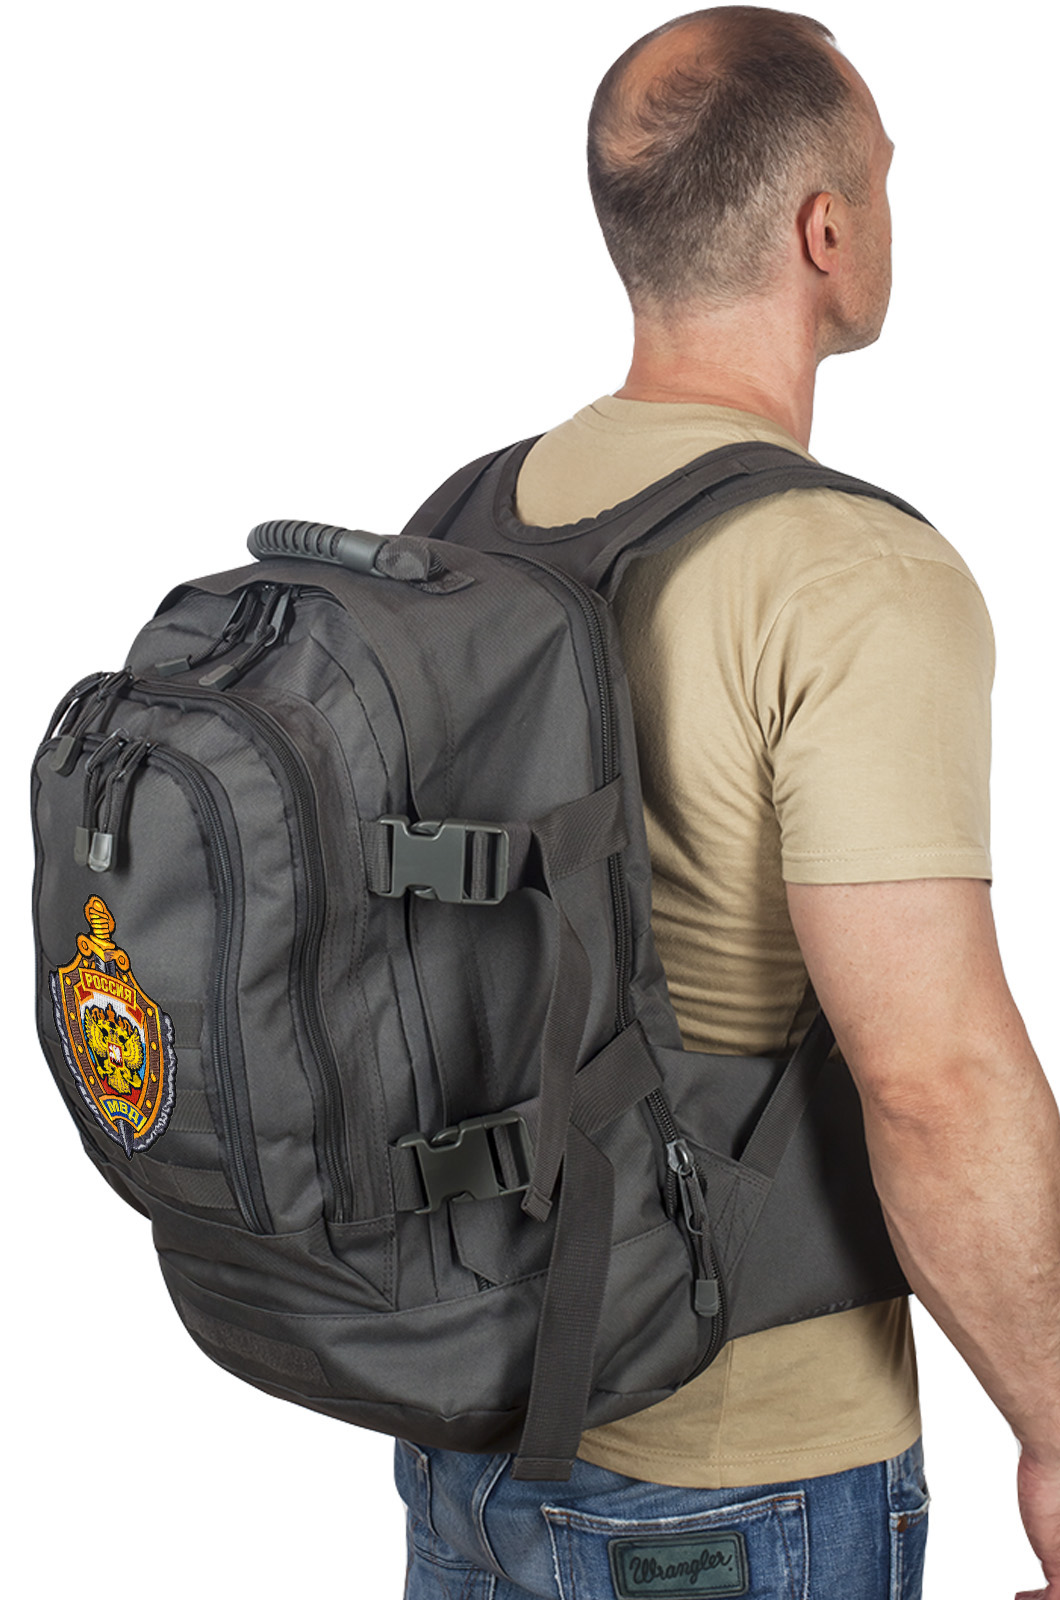 Универсальный рюкзак для города и полевых выходов 3-Day Expandable Backpack 08002A Dark Grey с эмблемой МВД